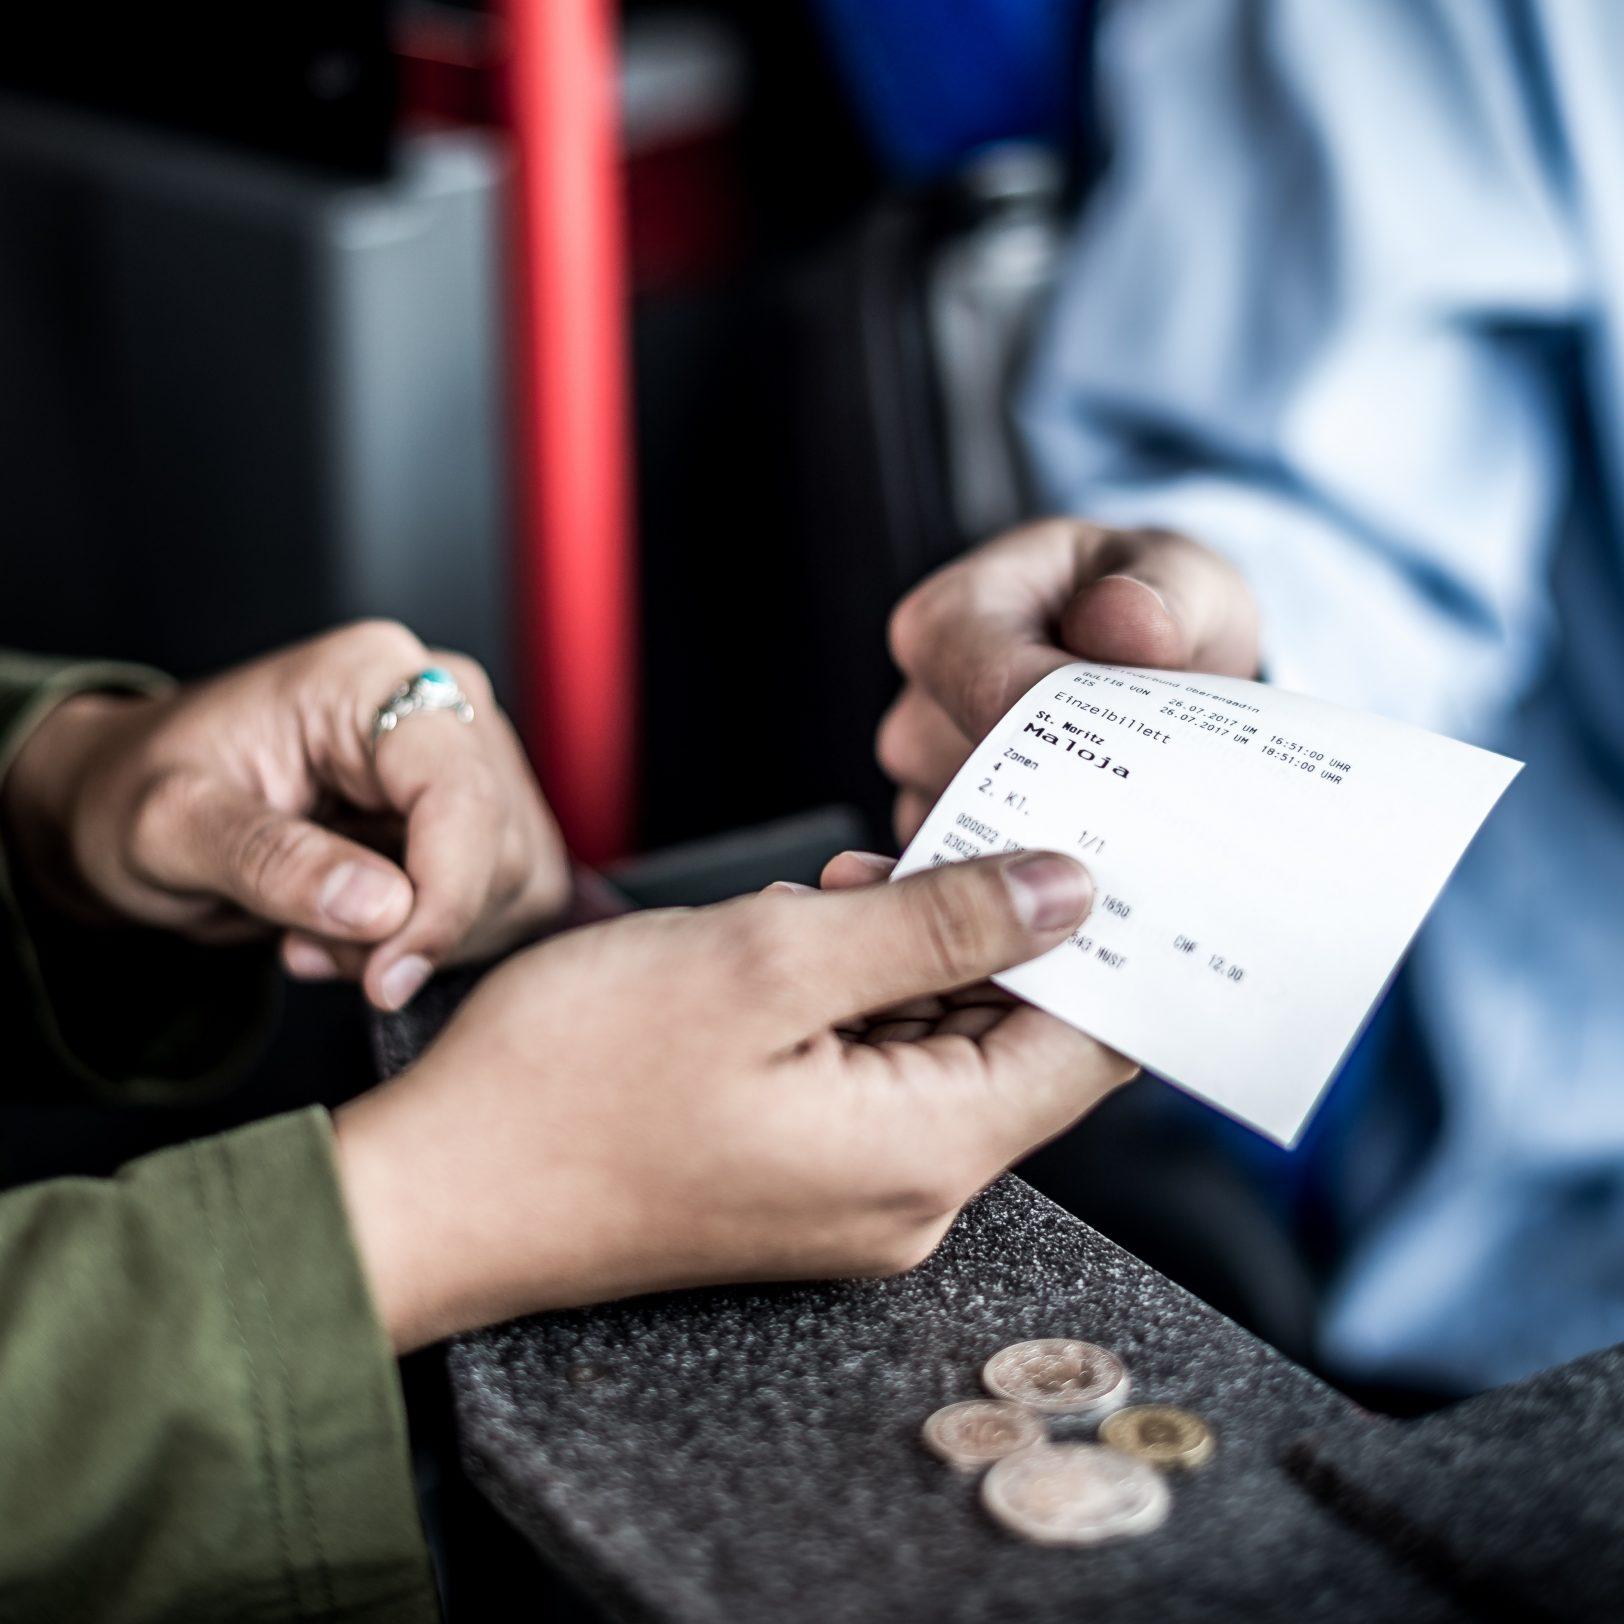 engadin-bus-einzelbillett